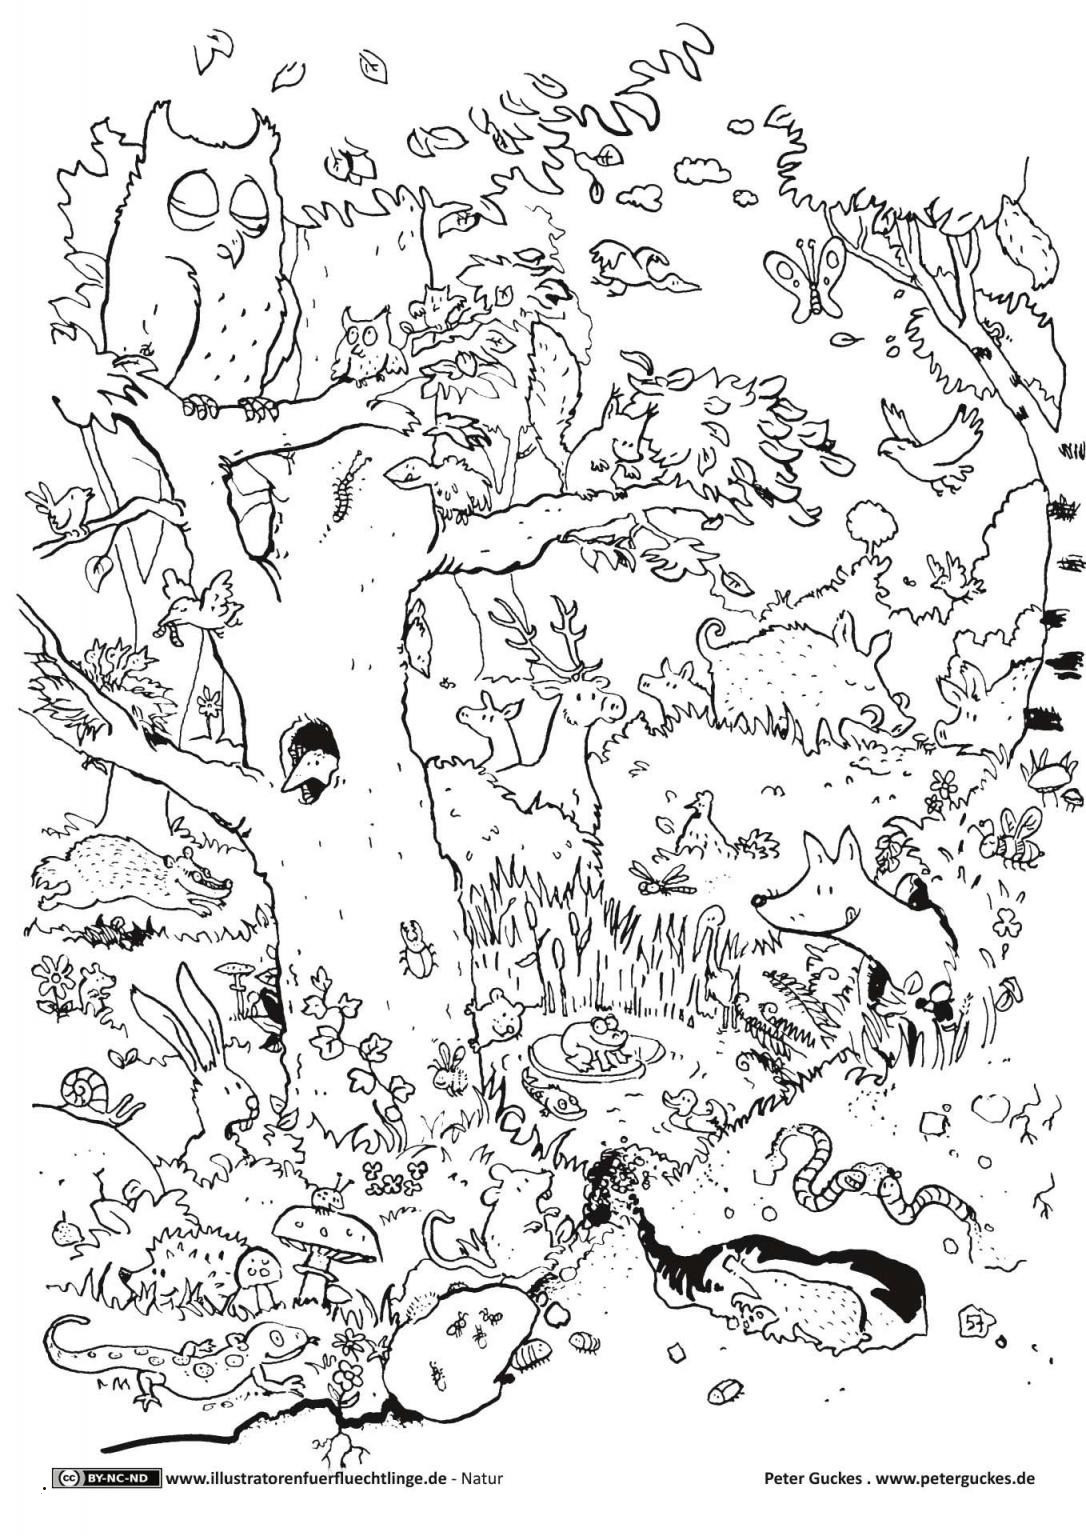 Hase Zum Ausdrucken Inspirierend 36 Skizze Hasen Malvorlagen Zum Ausdrucken Treehouse Nyc Fotos